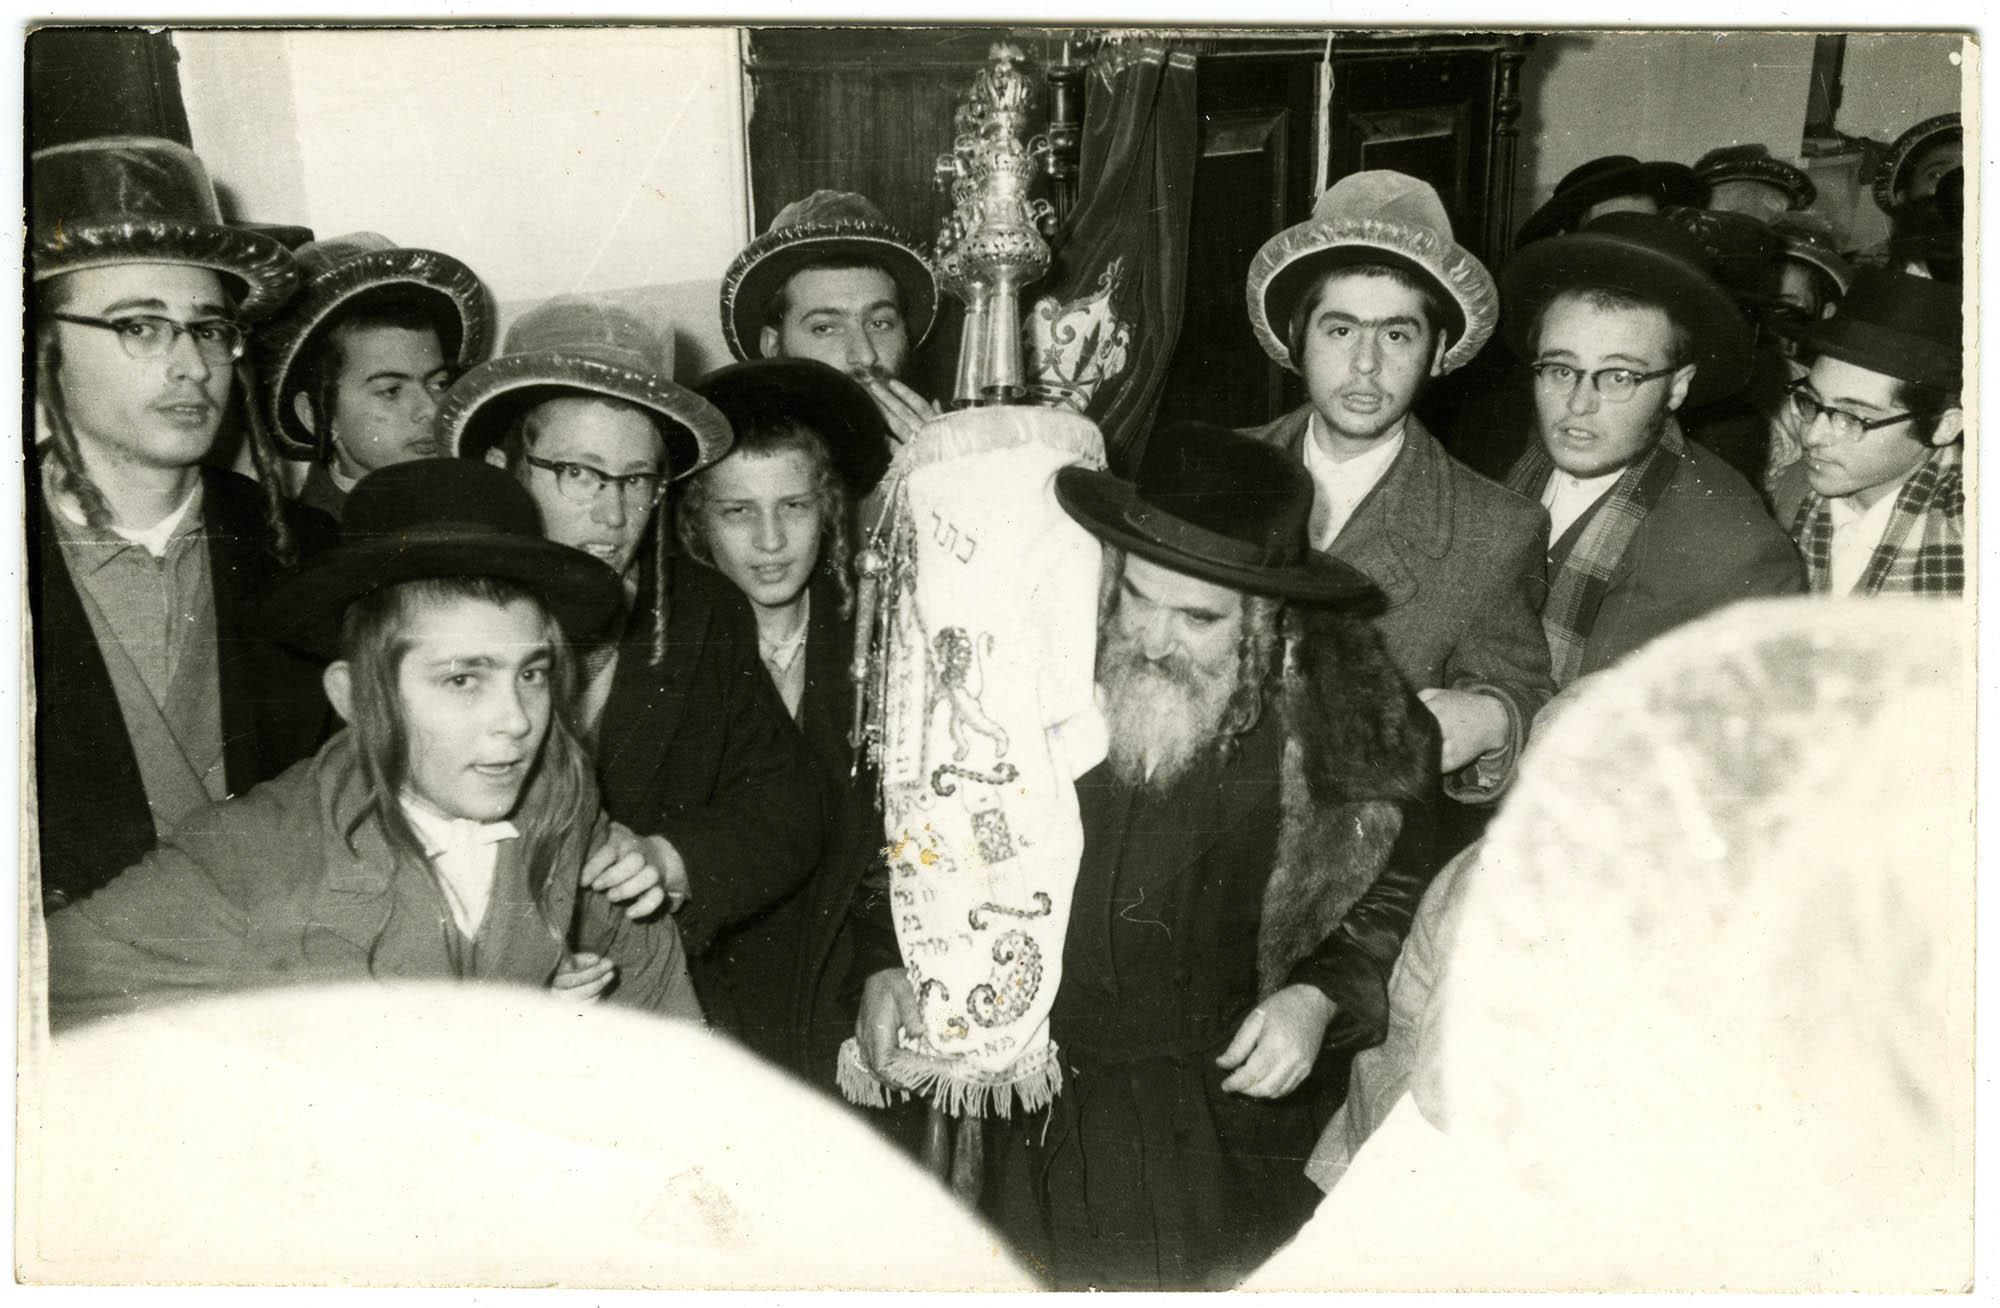 [תולדות הישוב העם היהודי בארץ ישראל]